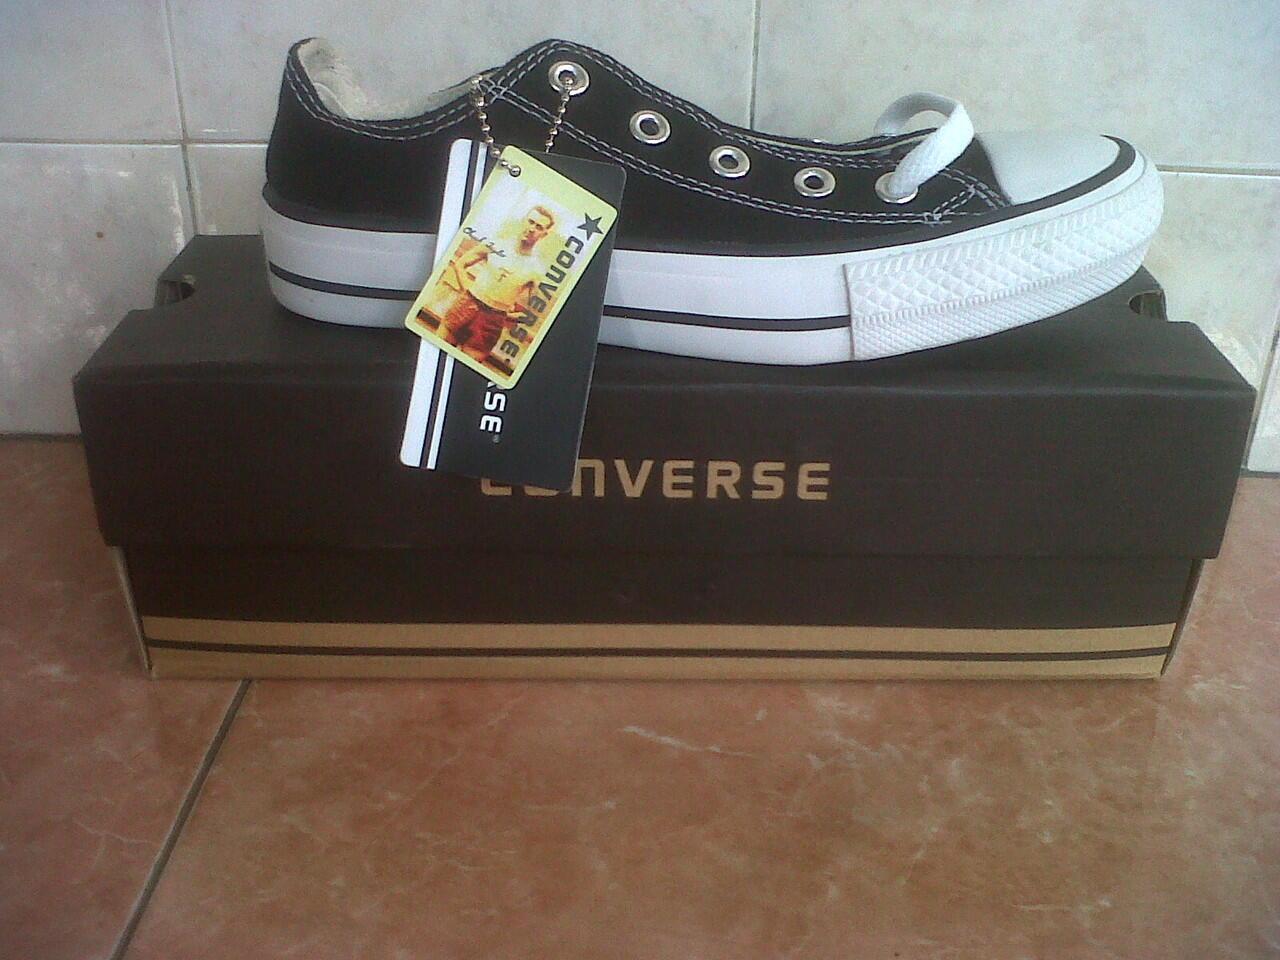 Terjual Sepatu Converse Allstar grosir dan ecer murah depok  3675bb87f4